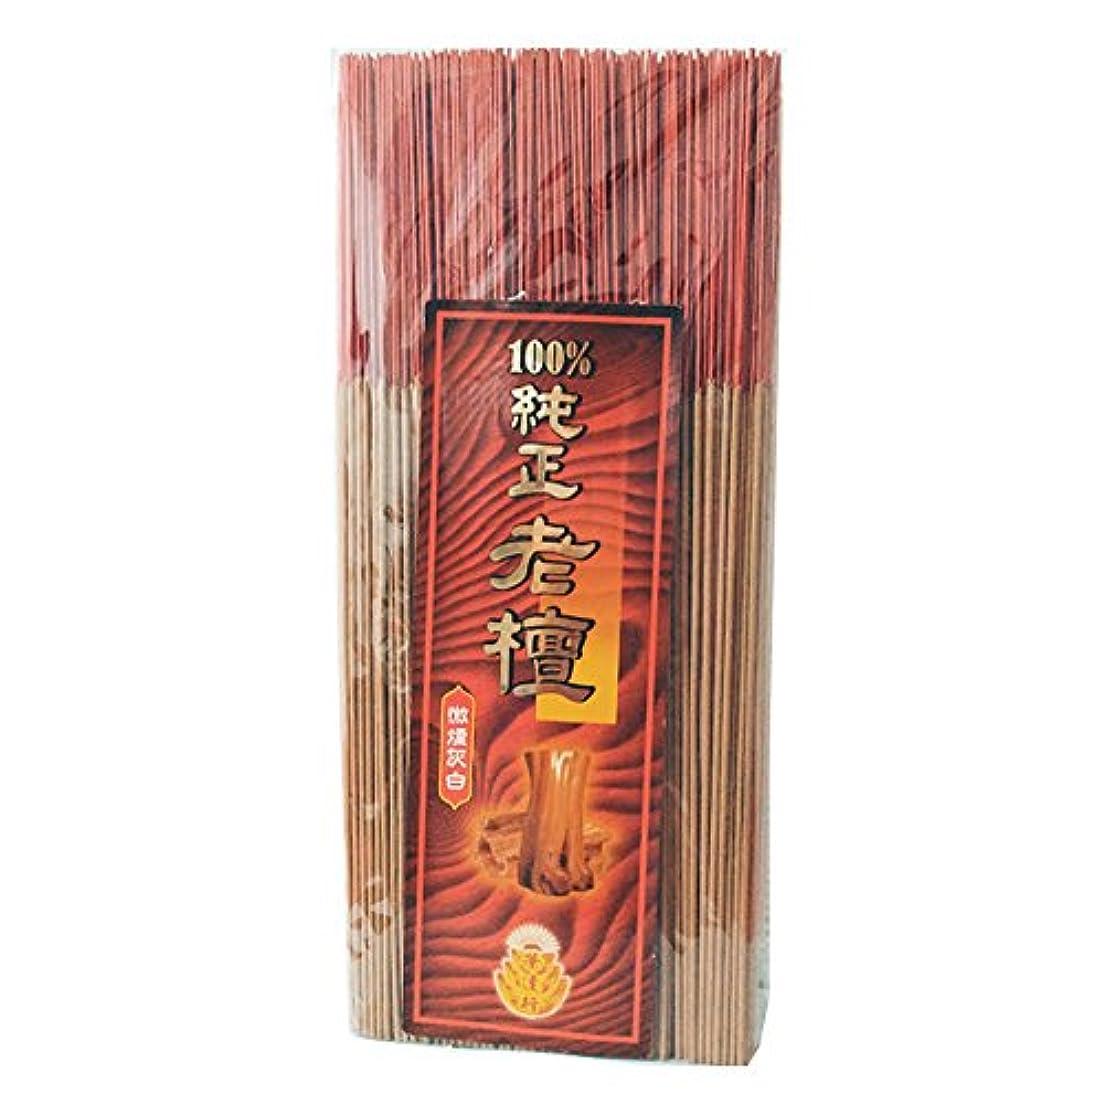 教会マークダウンブラウザ100 % Sandalwood Incense / Joss sticks ( + -400 Sticks ) 12.5インチブラウン